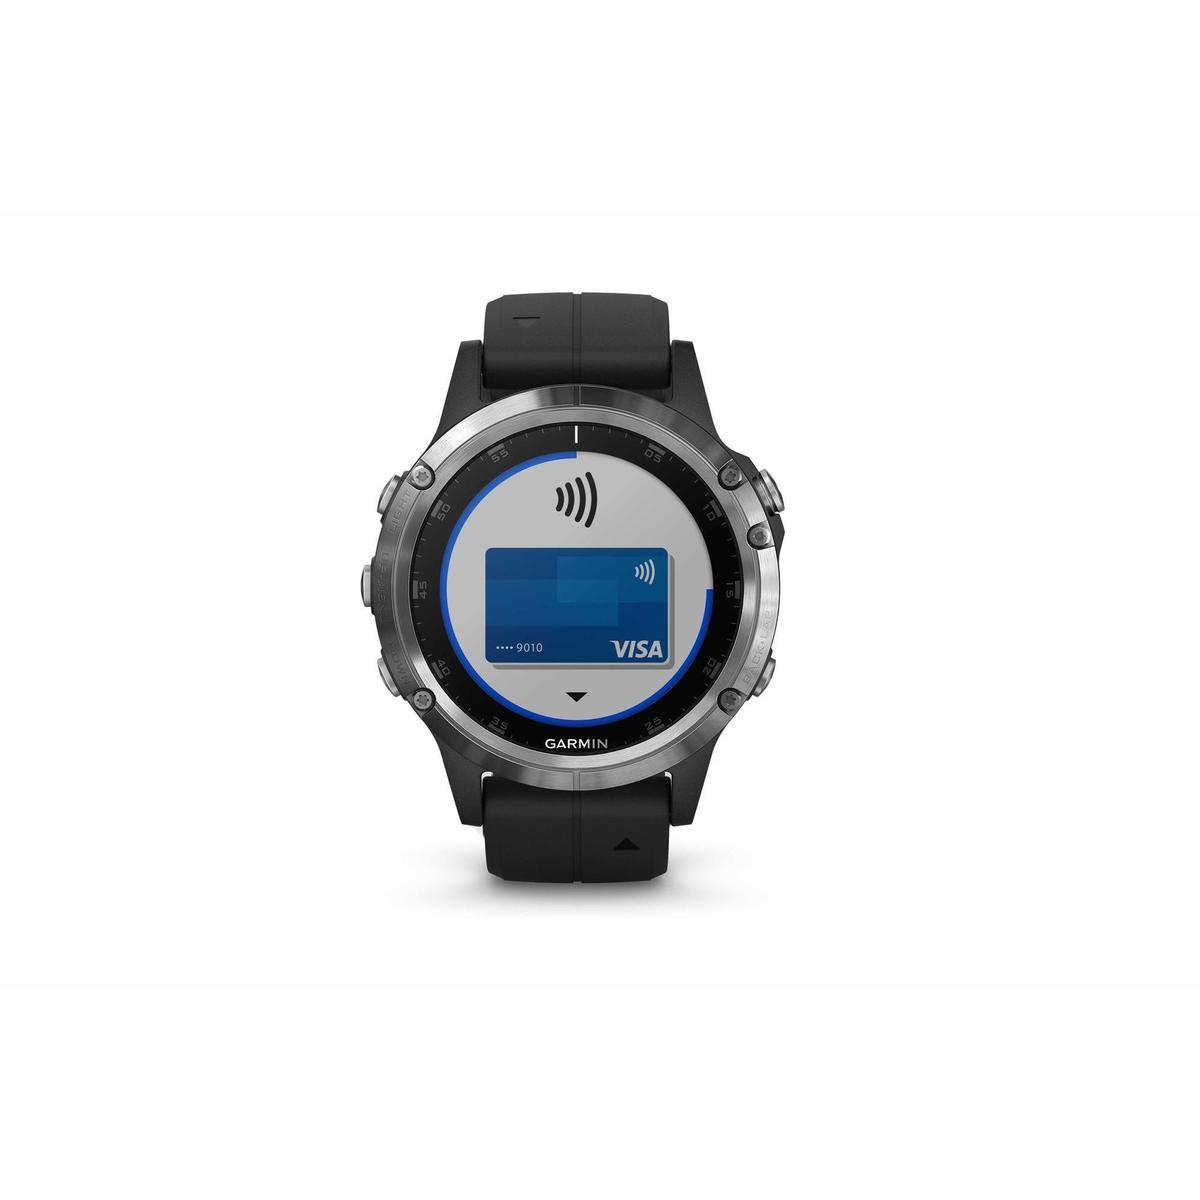 Bild 3 von GPS-Pulsuhr und Musikplayer Cardio Fenix 5 Plus Multisport silber